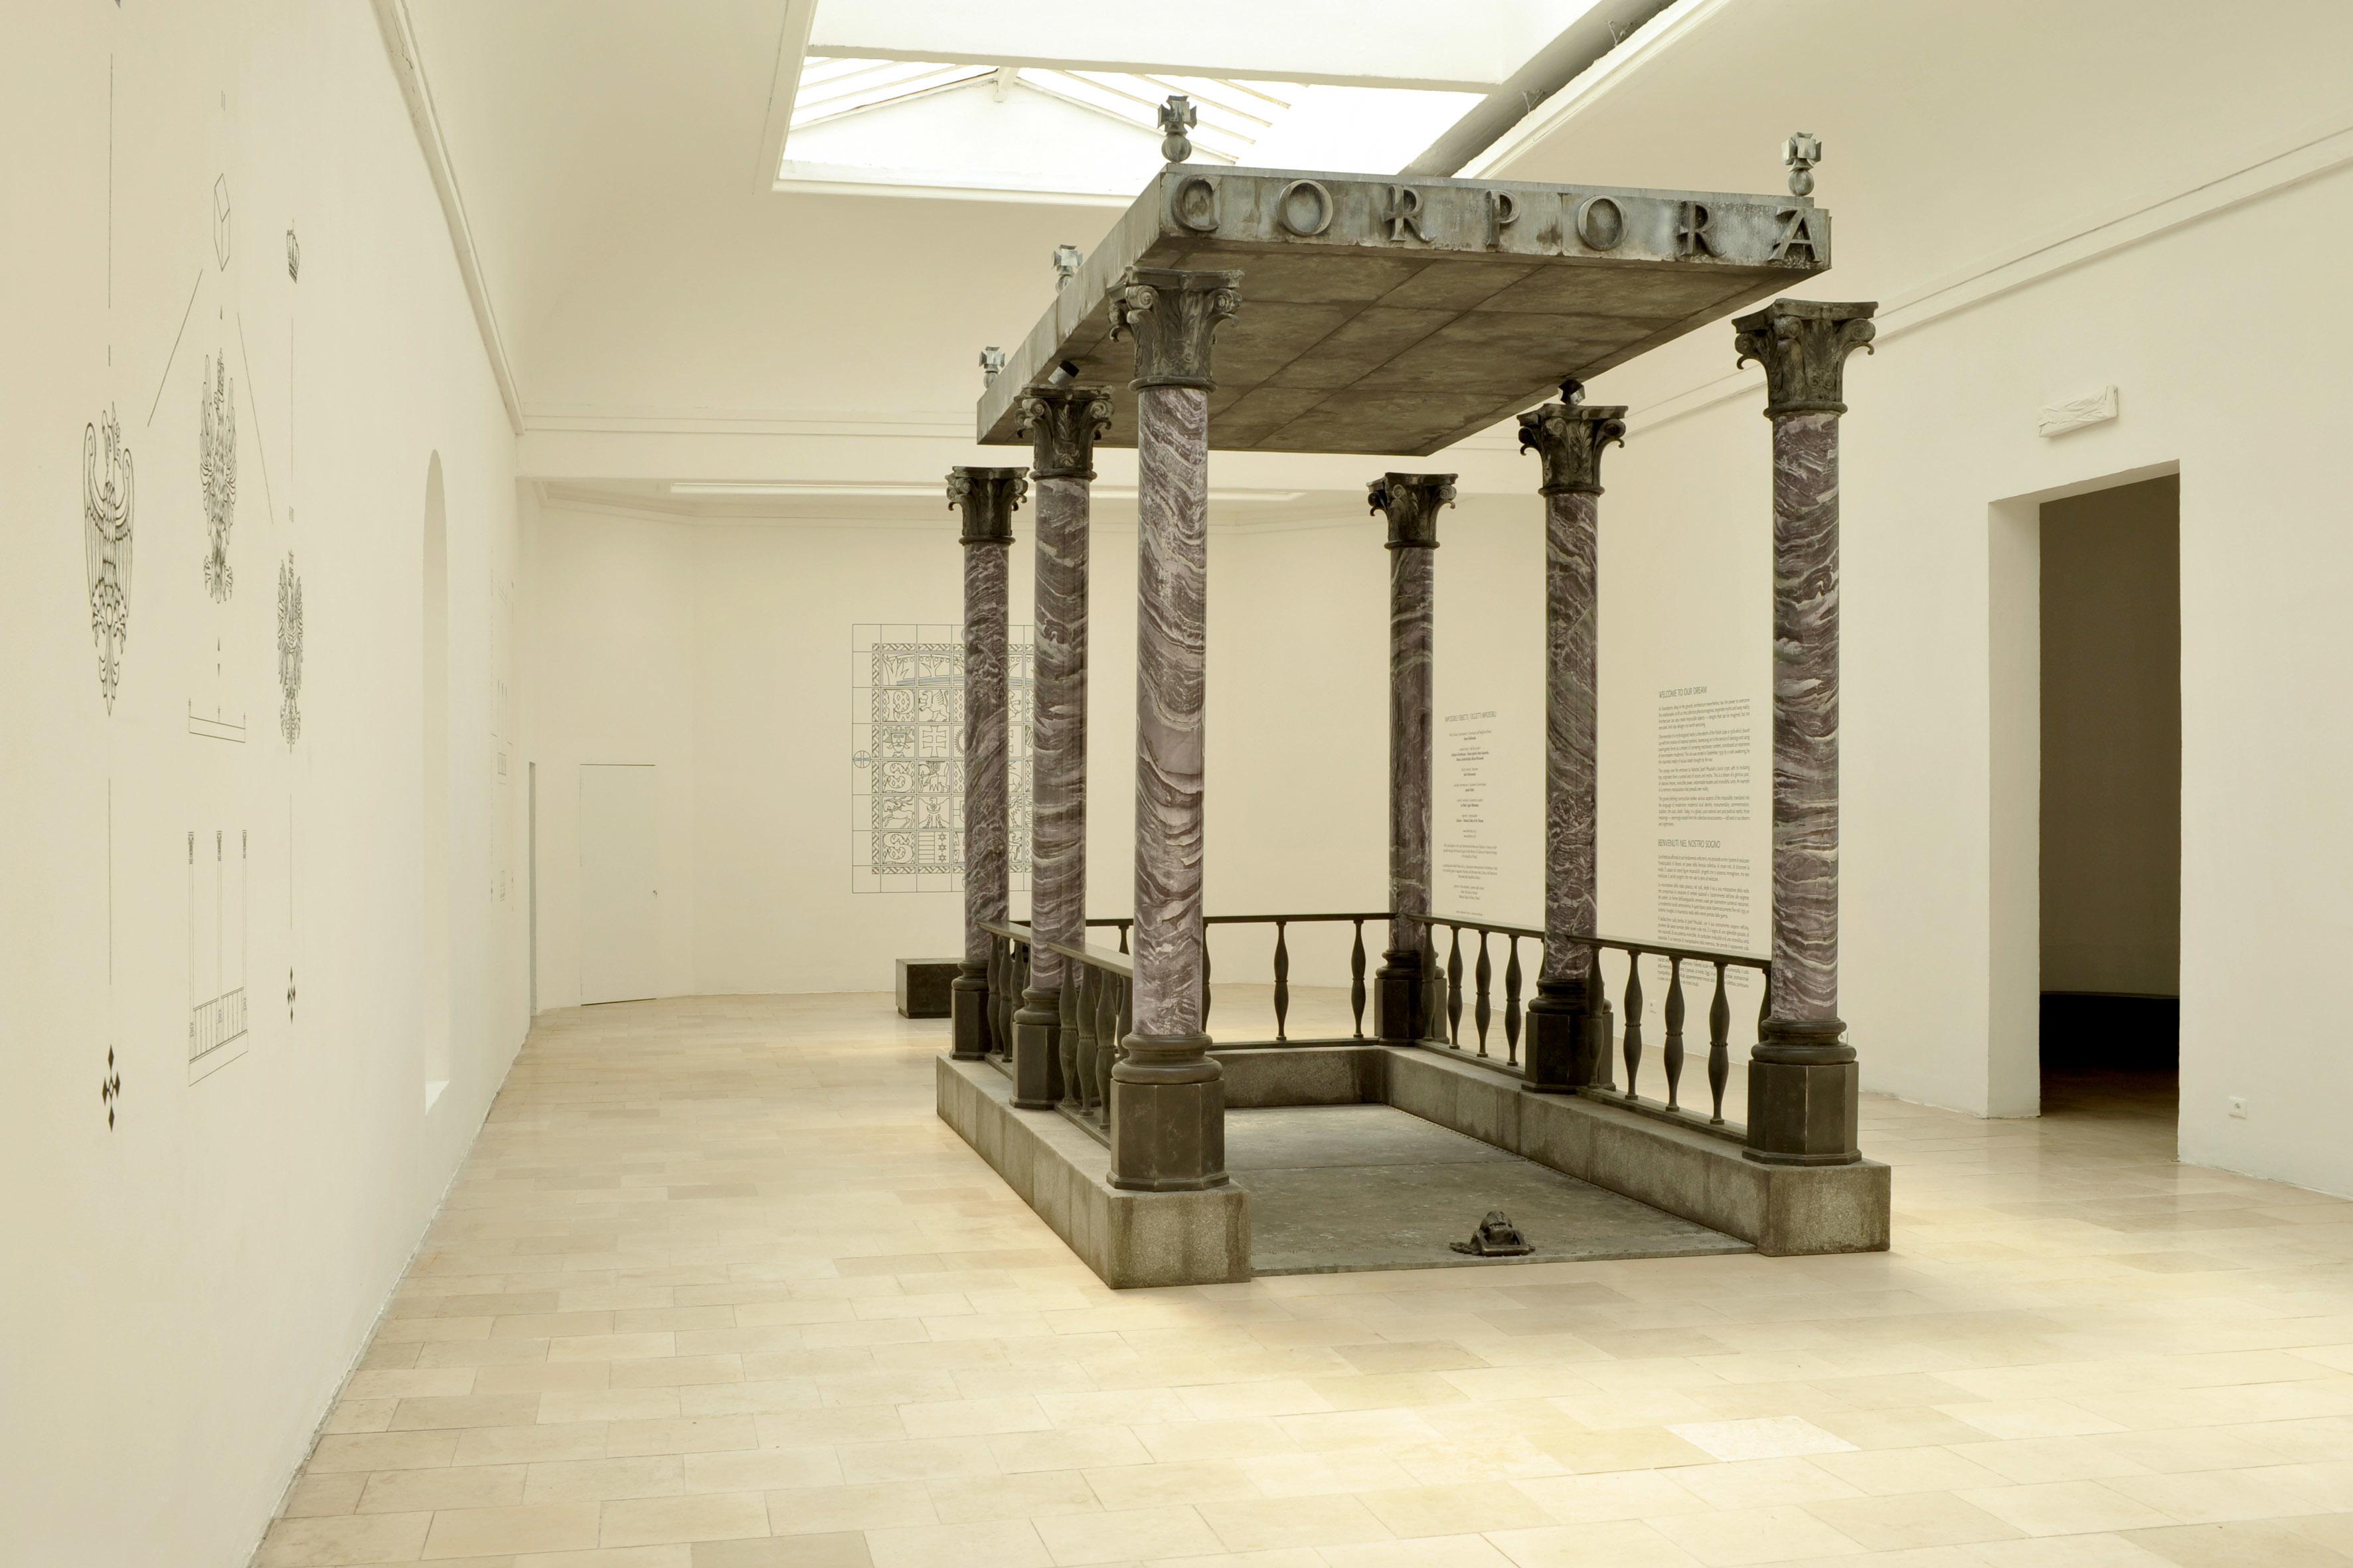 Figury niemożliwe, Pawilon Polski na14. Międzynarodowej Wystawie Architektury wWenecji